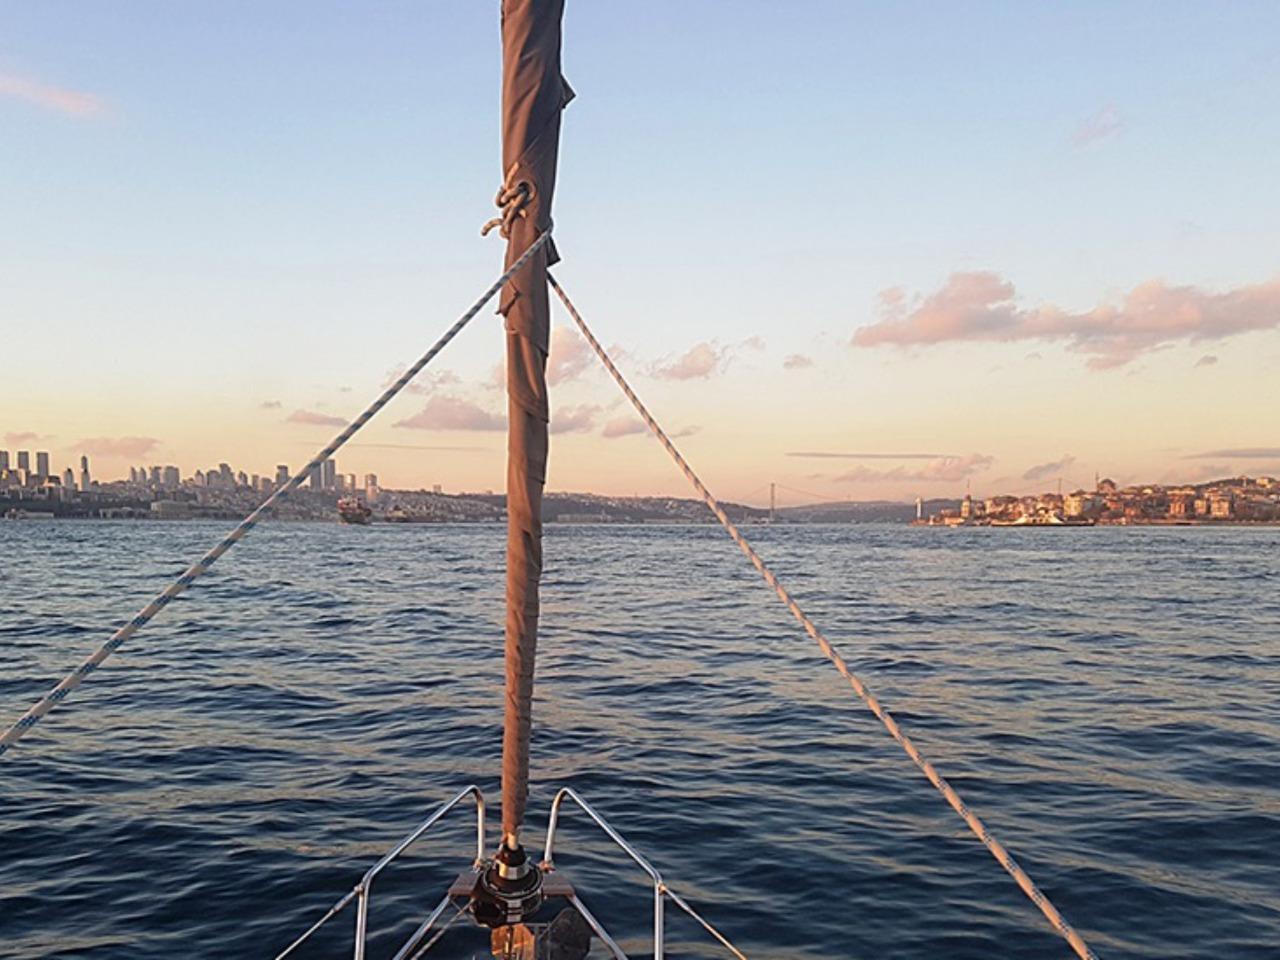 Vip-тур по Босфору на яхте - индивидуальная экскурсия в Стамбуле от опытного гида